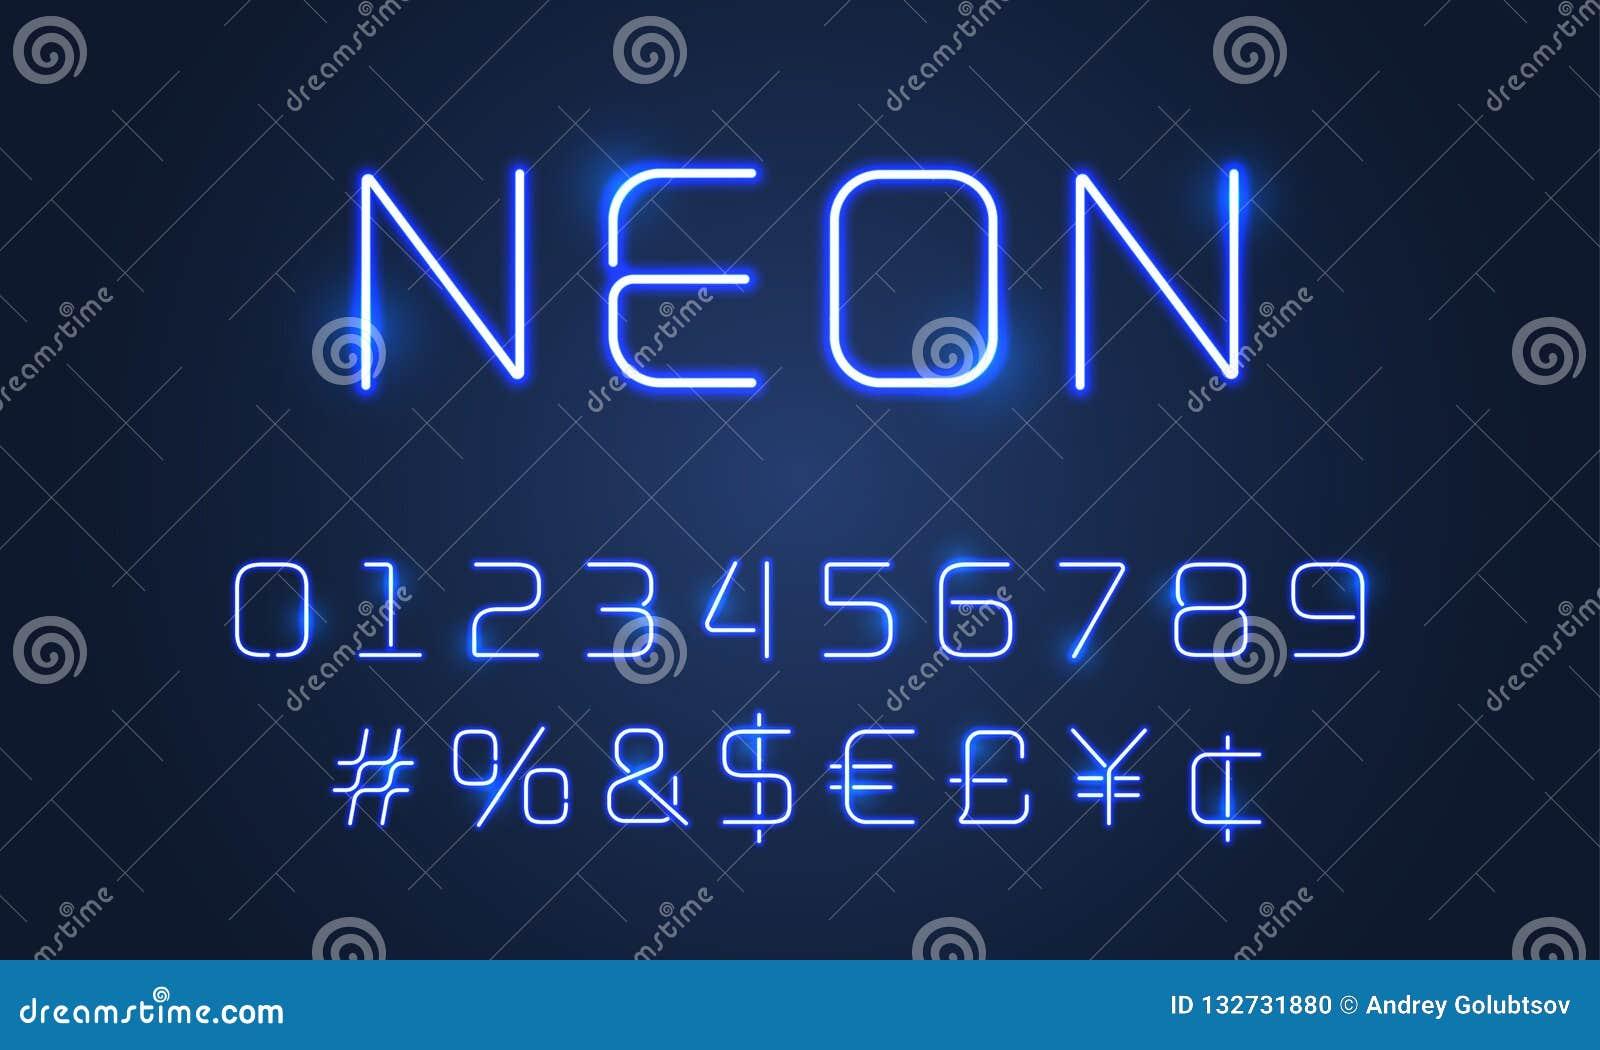 霓虹灯字体字母表数字,特殊符号 导航蓝色氖灯发光与hashtag标志的字母表字体